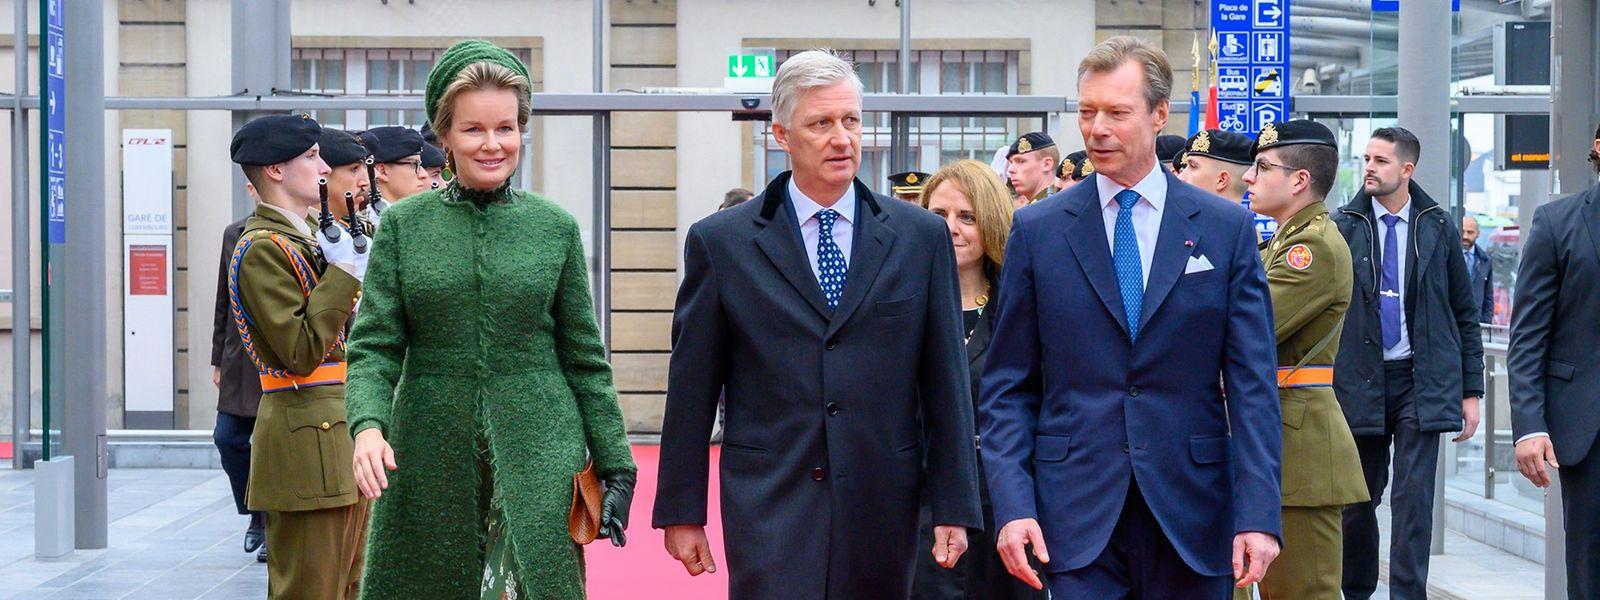 Le Grand-Duc est venu accueillir le couple royal belge pour un programme de trois jours très chargé.